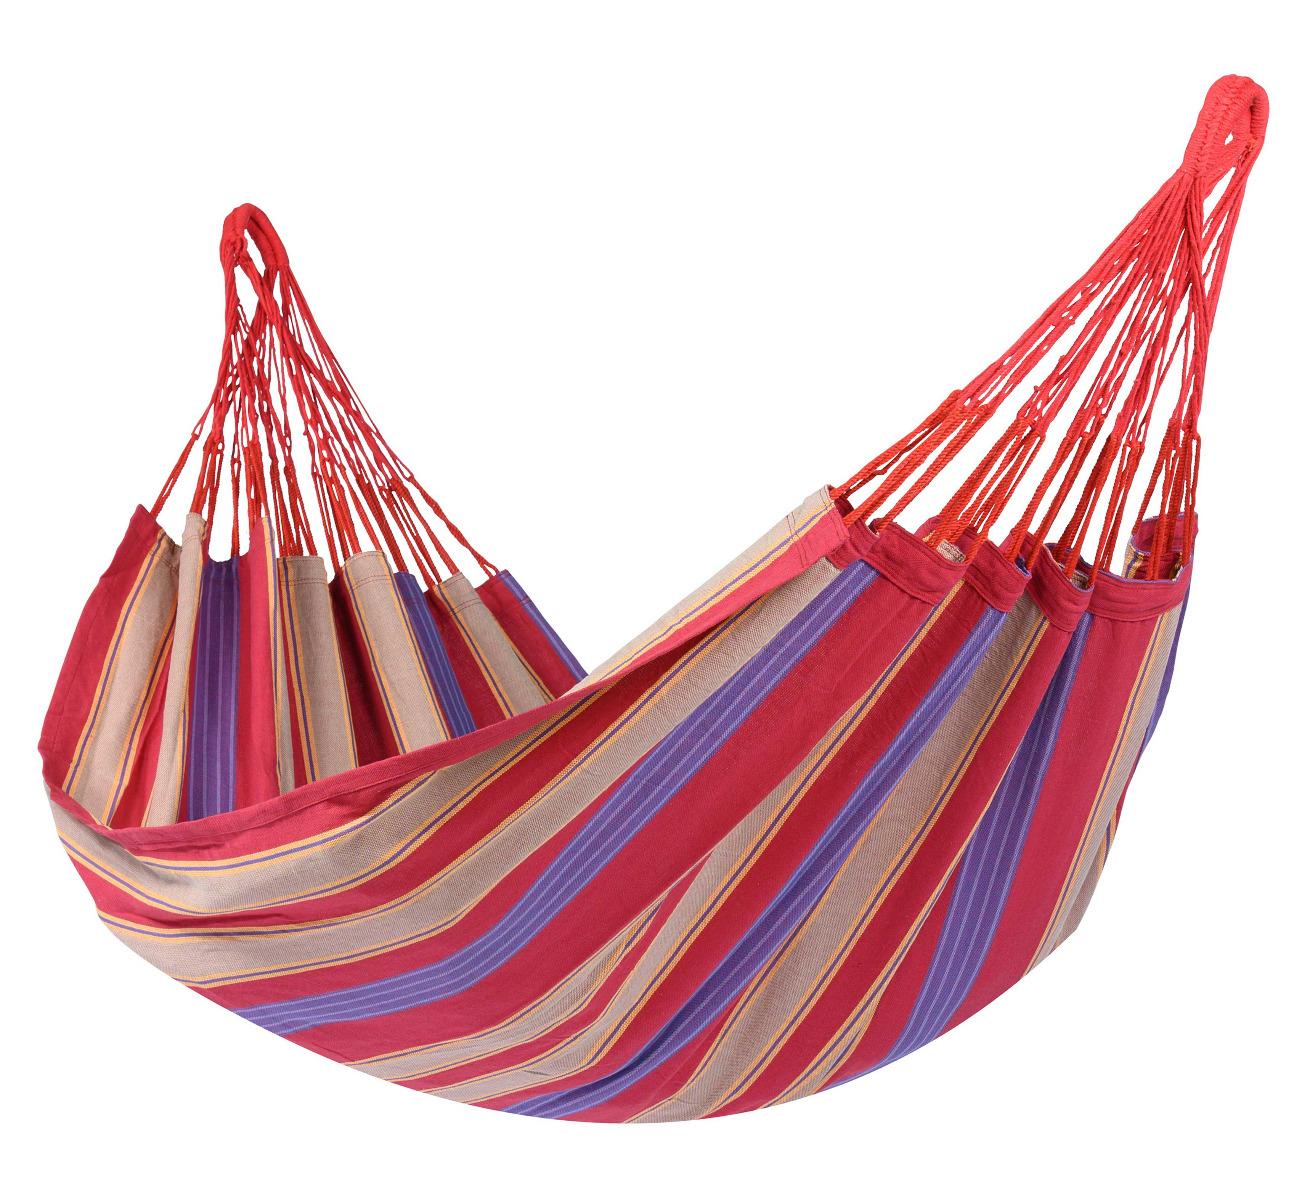 Hangmat E�npersoons 'Cuba' Cherry - Veelkleurig - Tropilex �